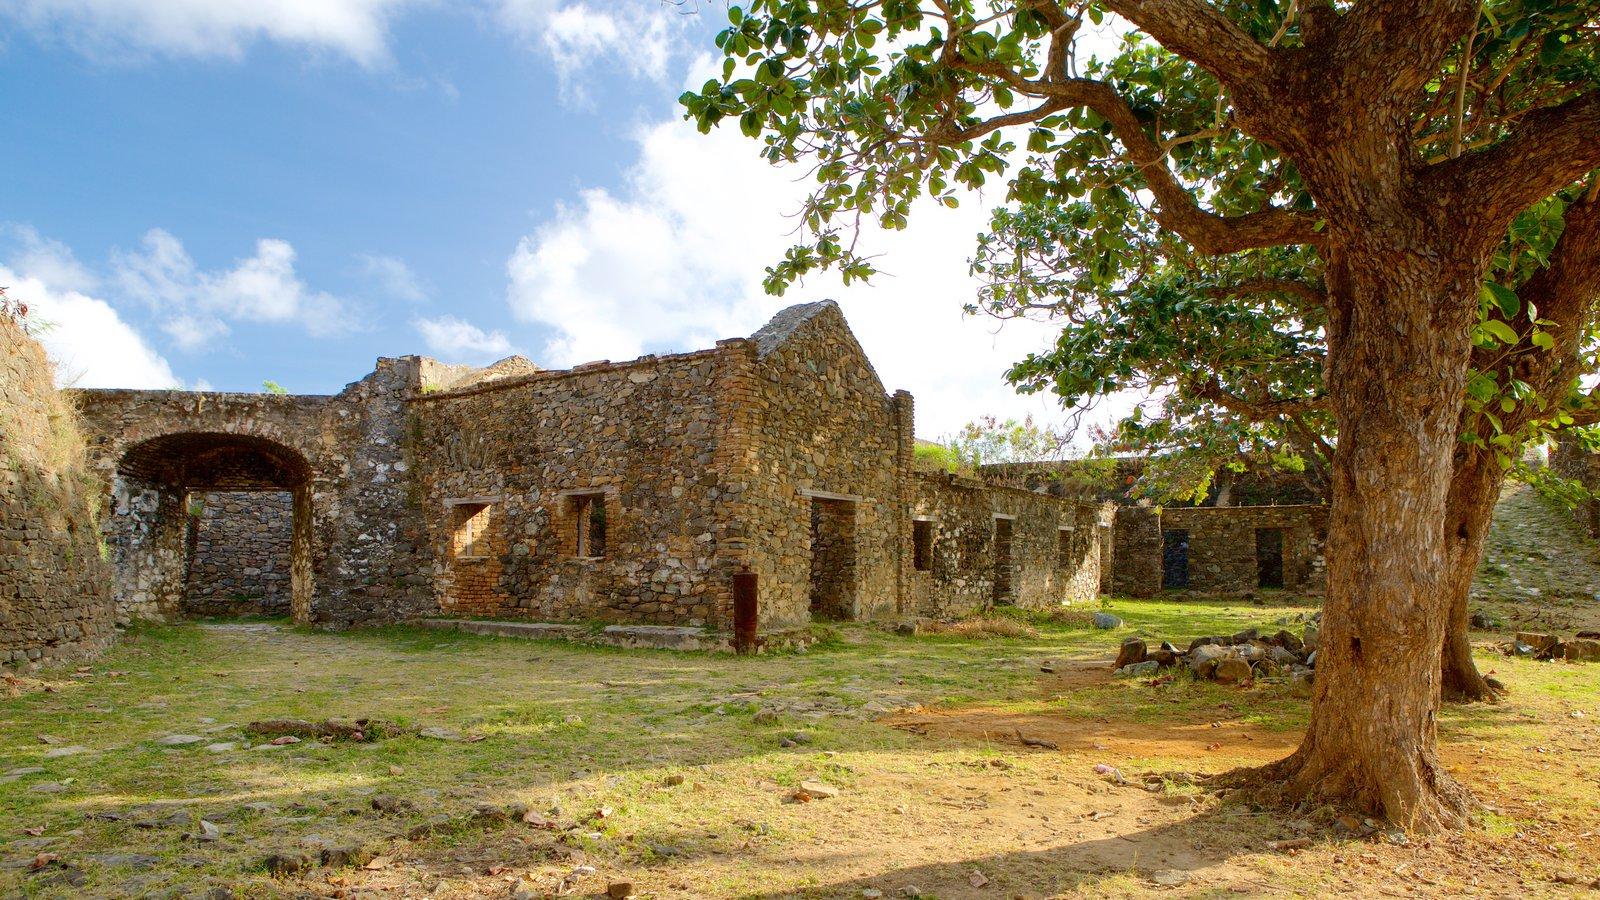 Forte dos Remédios mostrando um jardim, ruínas de edifício e elementos de patrimônio